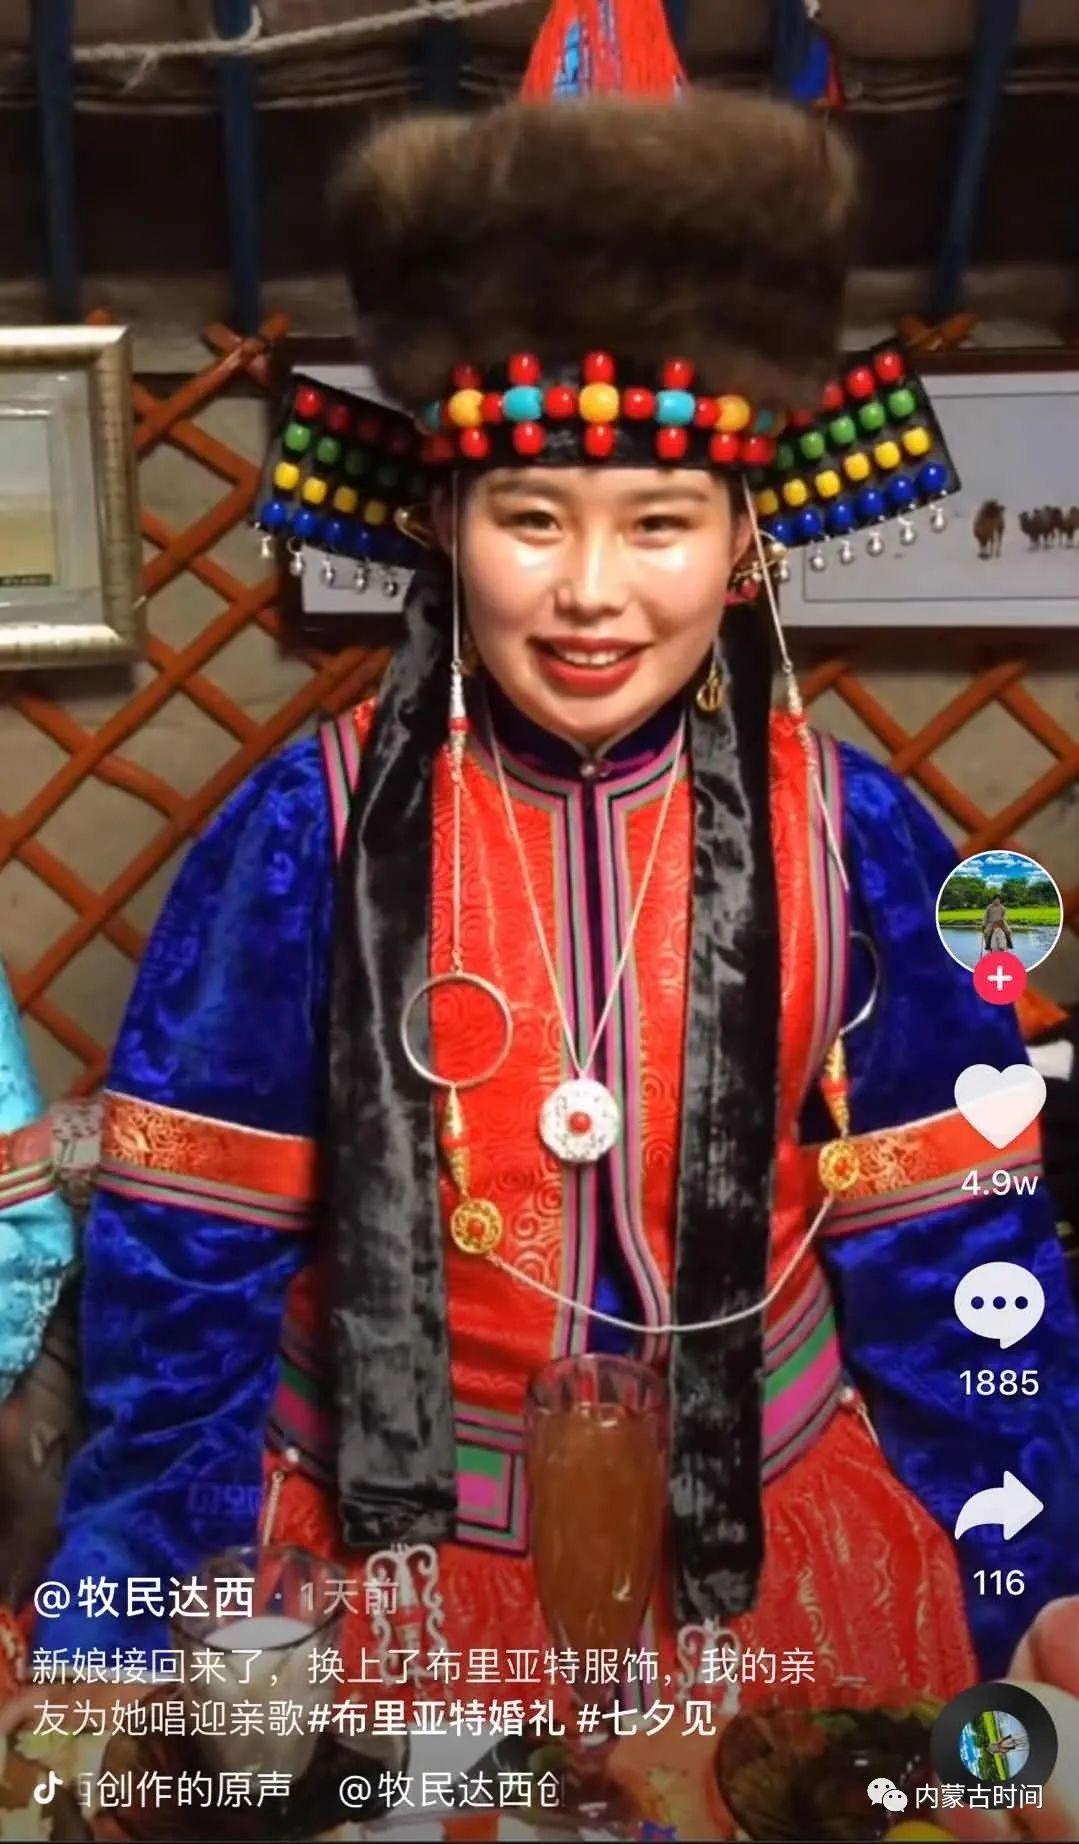 七夕,邂逅一场布里亚特婚礼! 第18张 七夕,邂逅一场布里亚特婚礼! 蒙古文化